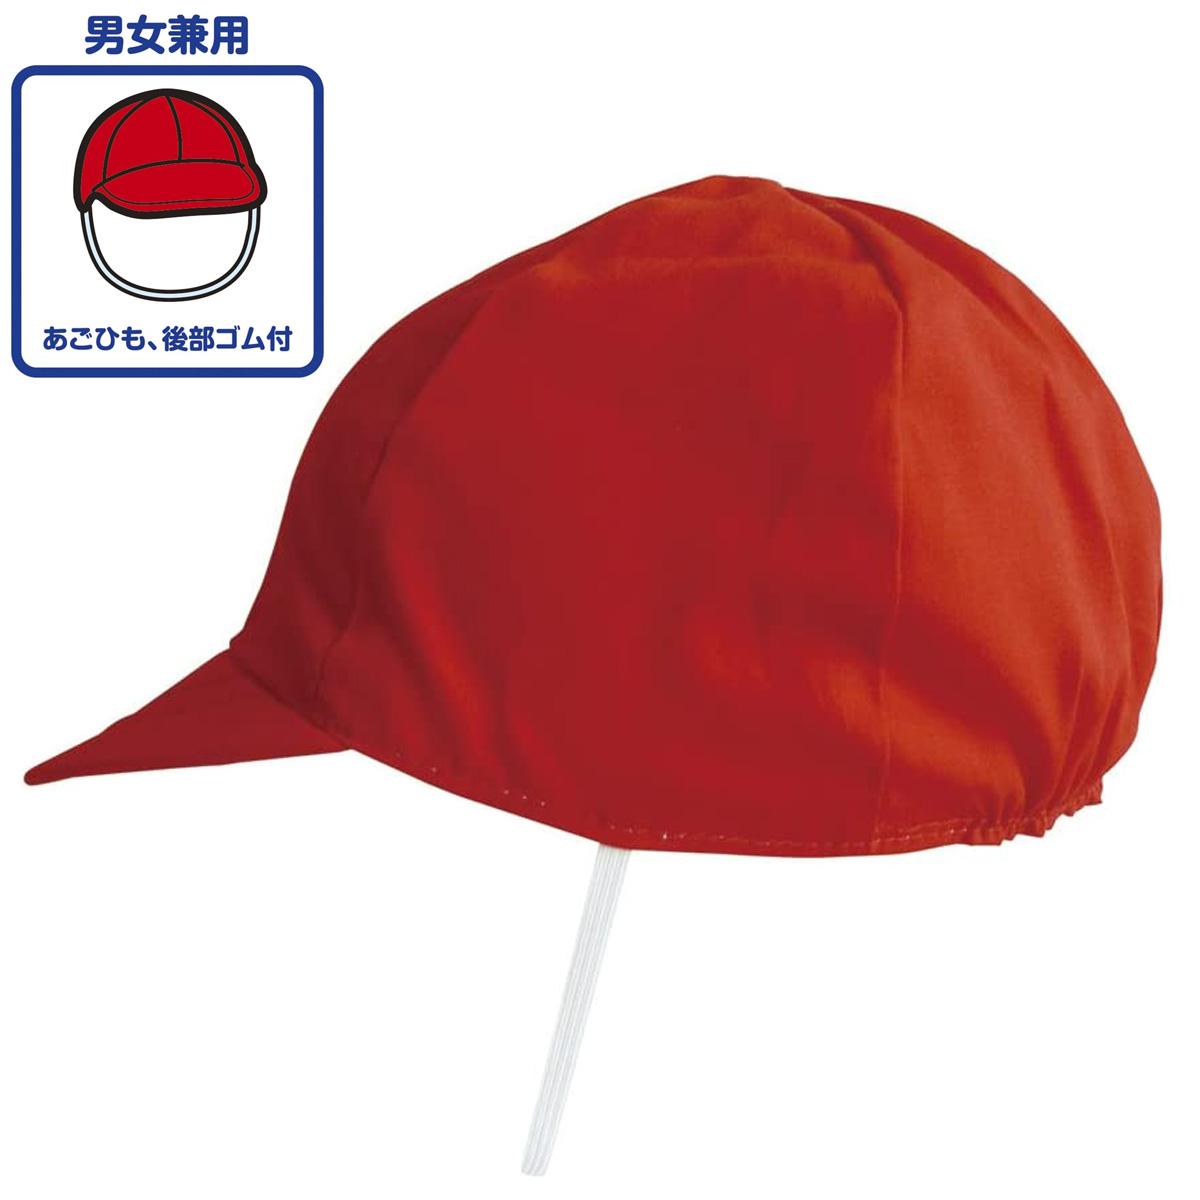 紅白帽 デビカ 帽子 赤白帽 キッズ 子供 学校 文具 体育 運動会 クリスマスプレゼント